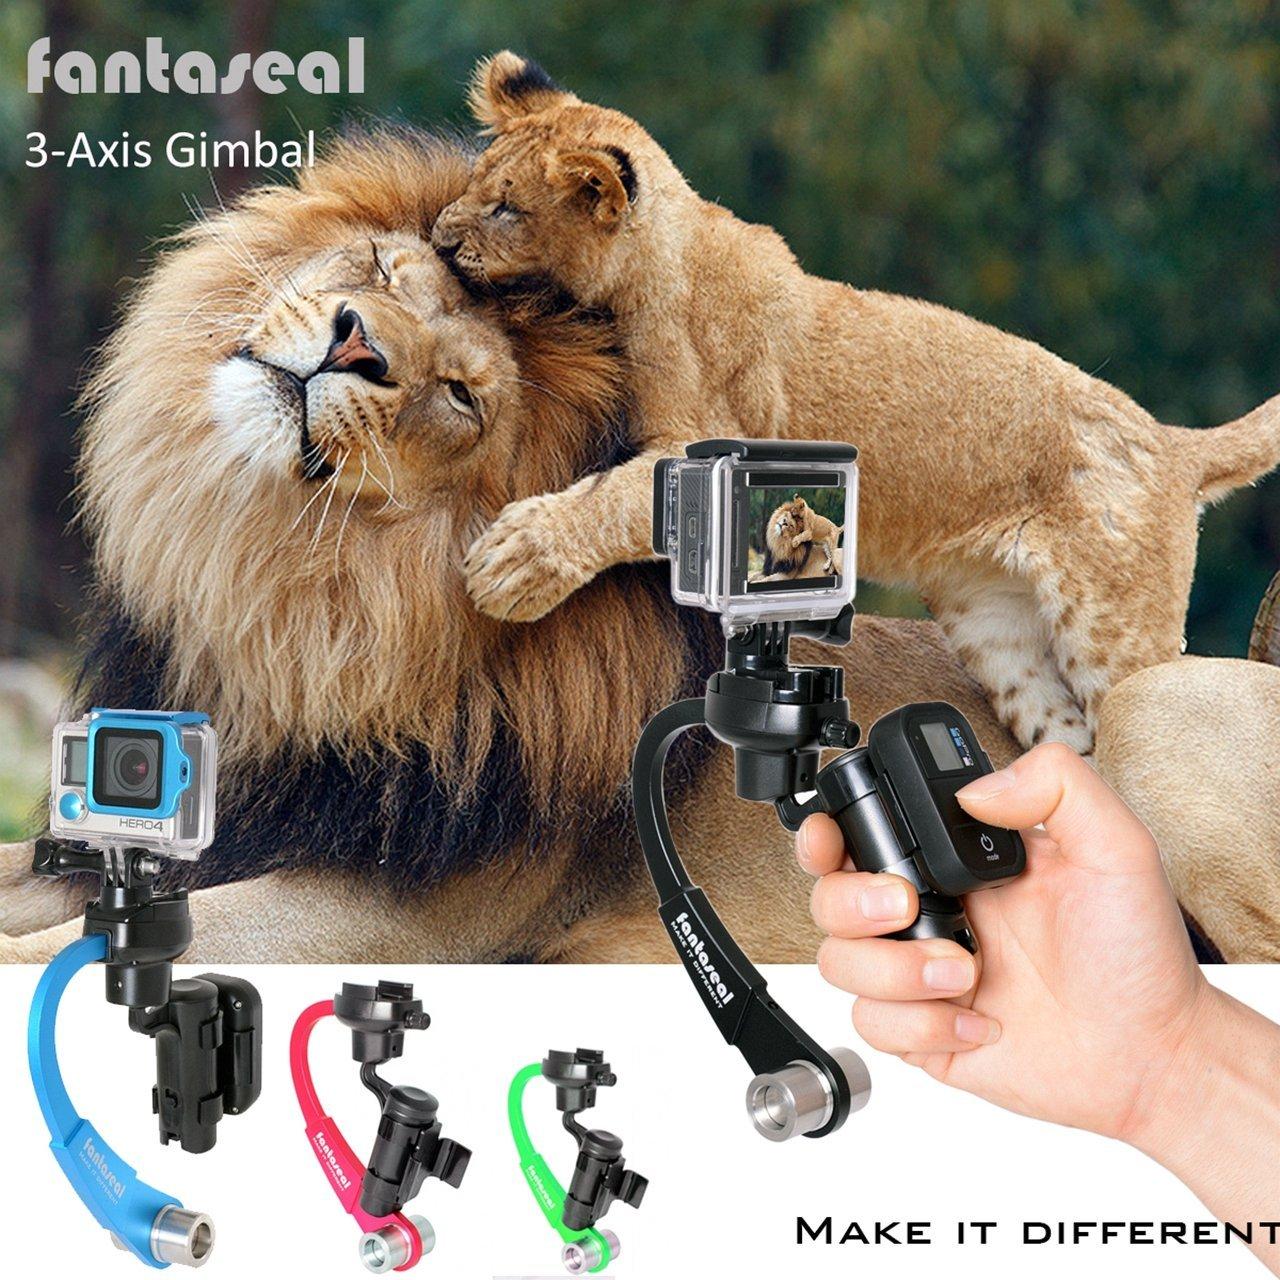 mechanischer-gimbal-action-cam-gopro-smartphone